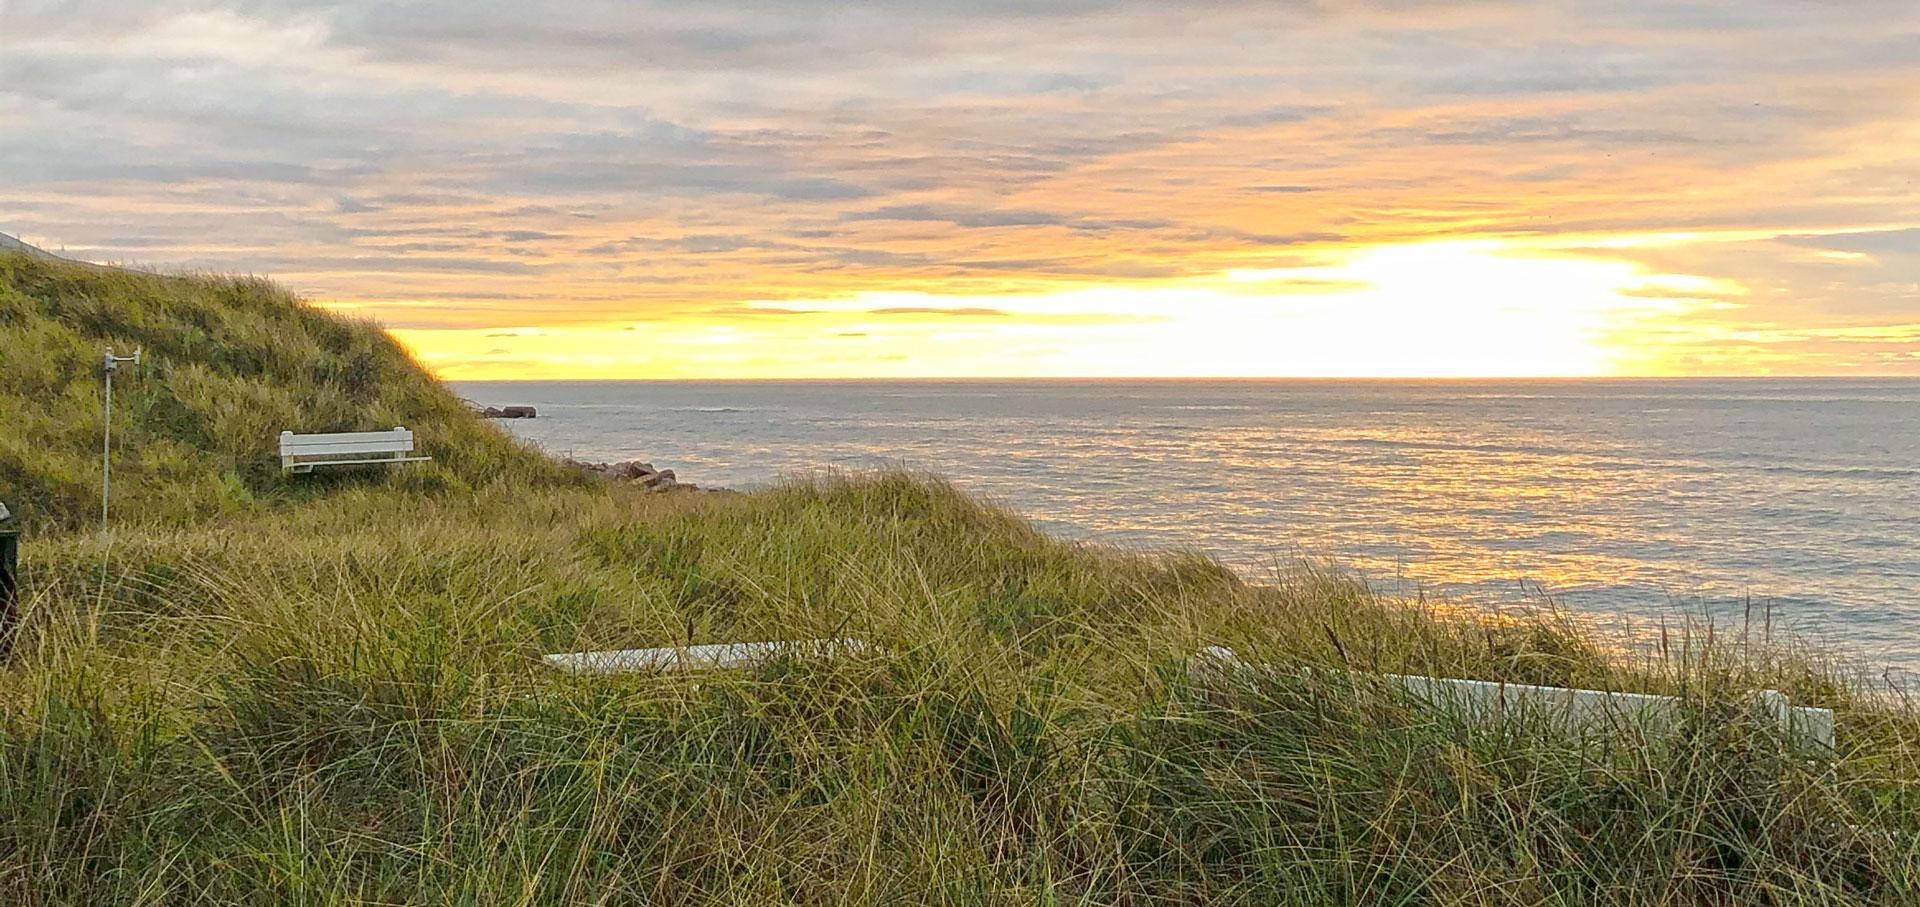 Sonnenuntergang bei Lønstrup